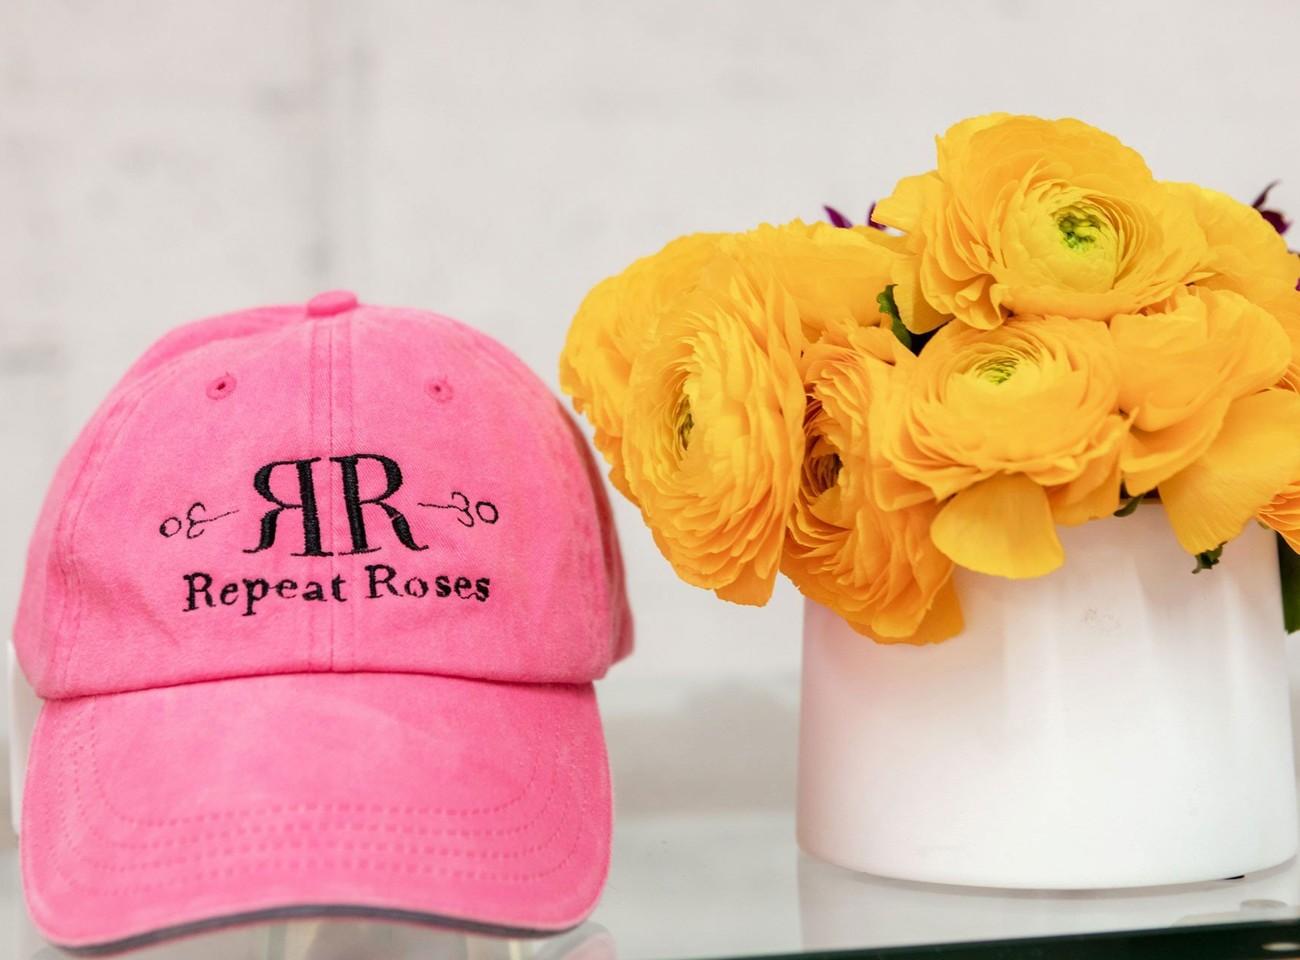 Repeat Roses Careers